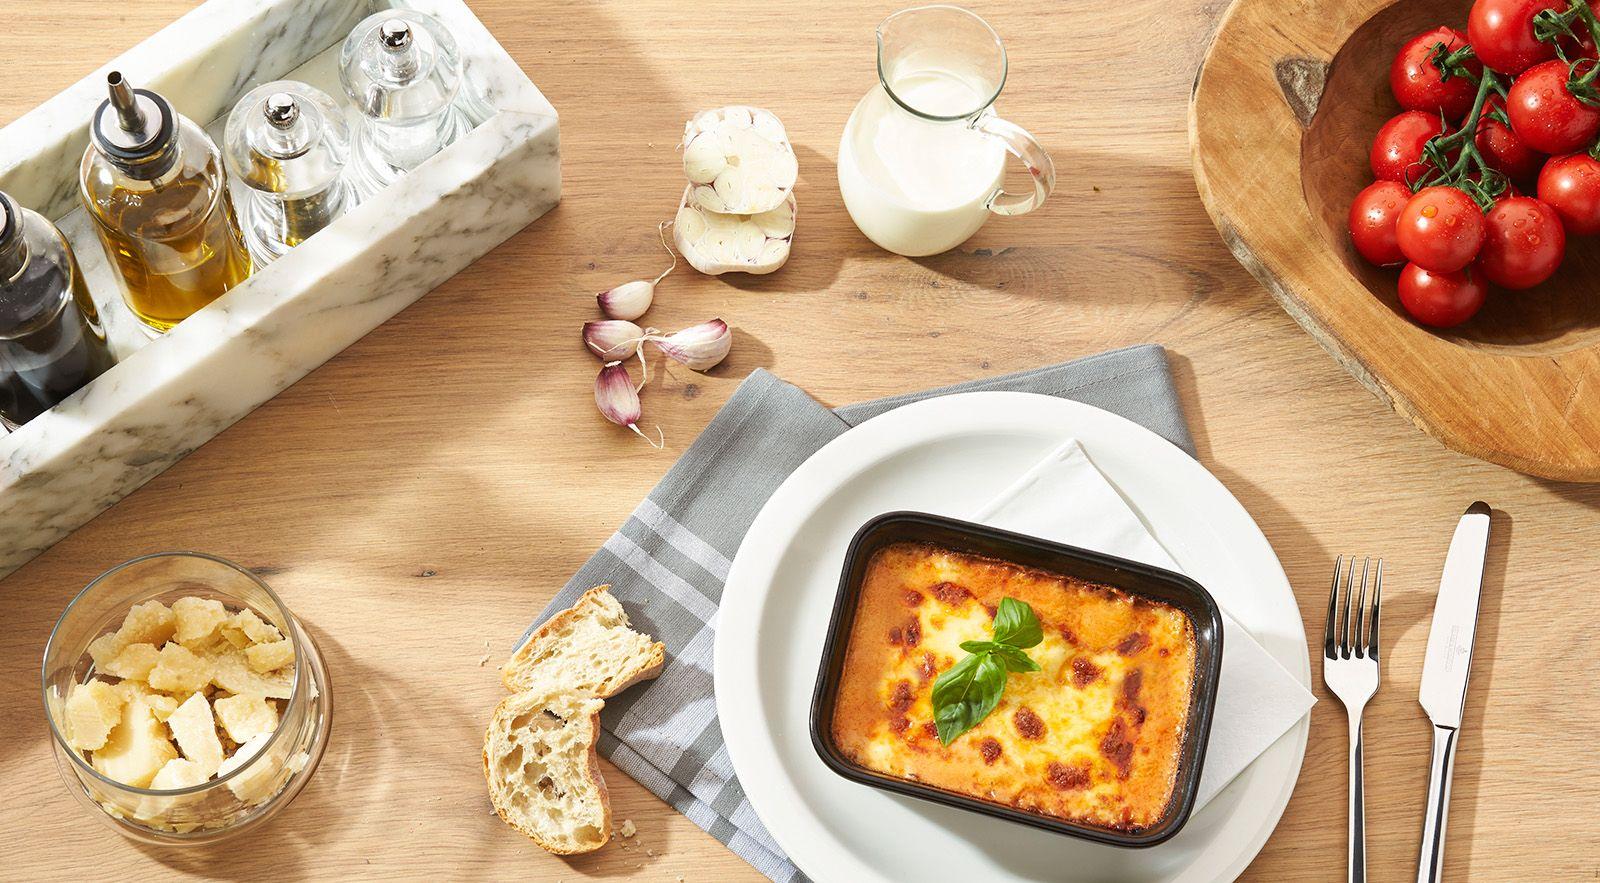 LASAGNE AL FORNO | Hausgemachte Lasagne mit würziger Rinderragoutfüllung, frischem Basilikum, cremiger Béchamelsauce, aromatischem Grana Padano D.O.P. und knuspriger Mozzarellakruste.